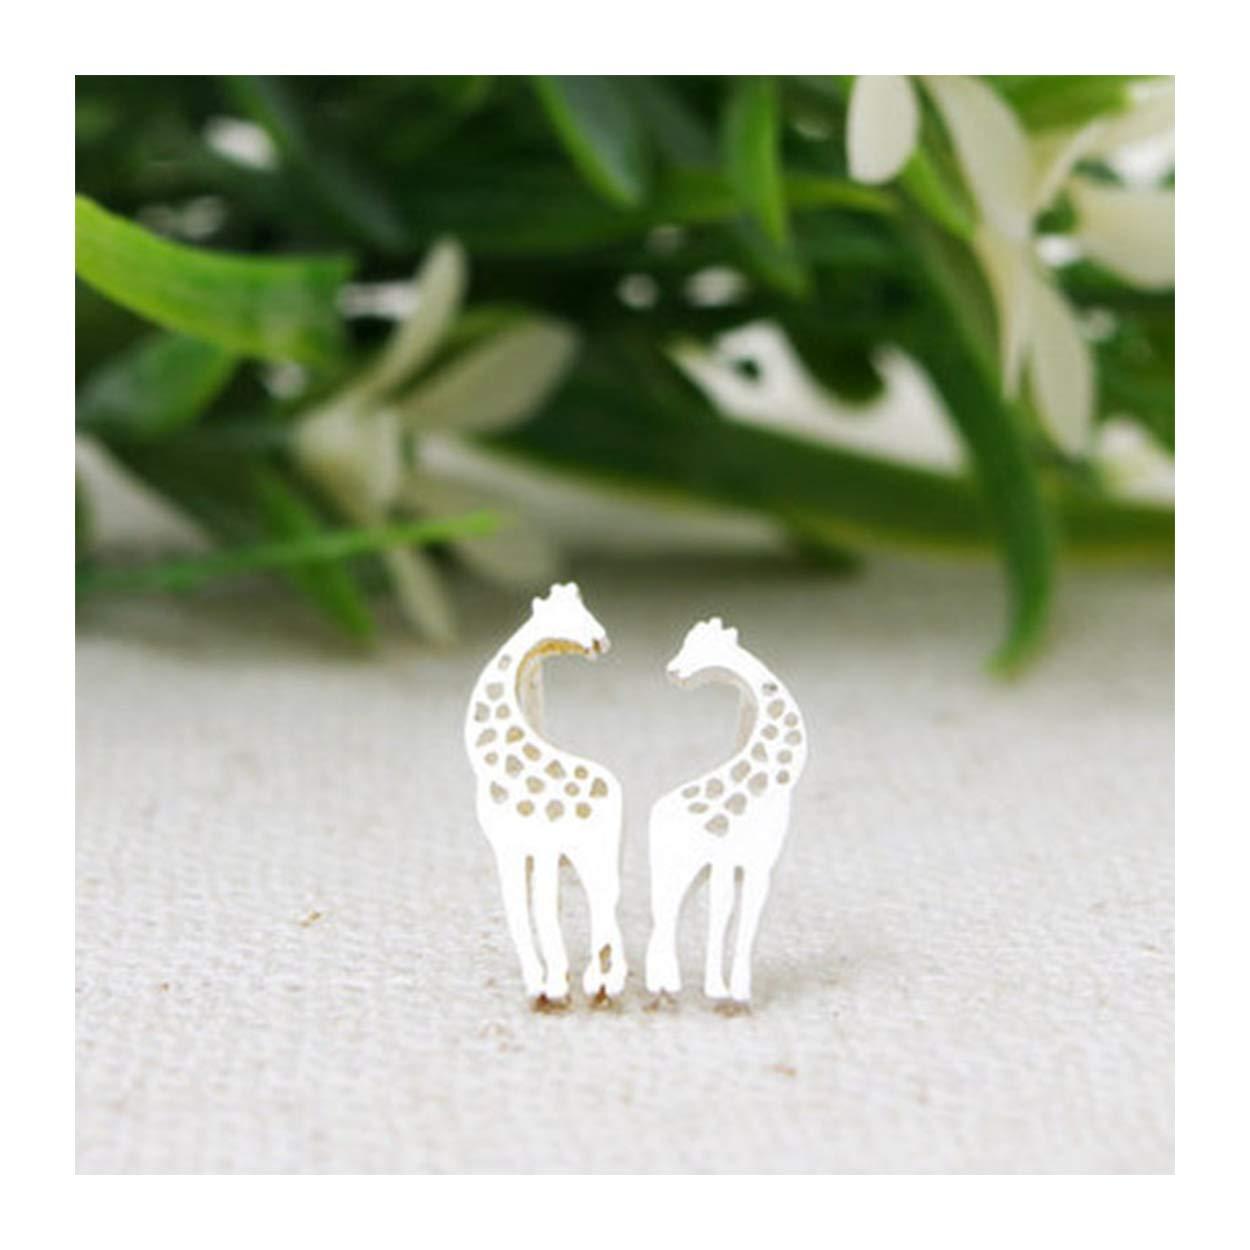 148ce7c92 Amazon.com: MIXIA Minimalist Lovely Post Stud Earring Kissing Giraffes Love  Heart Earrings for Women Cute Animals Ear Stud Earrings Lover Gifts (Gold):  ...